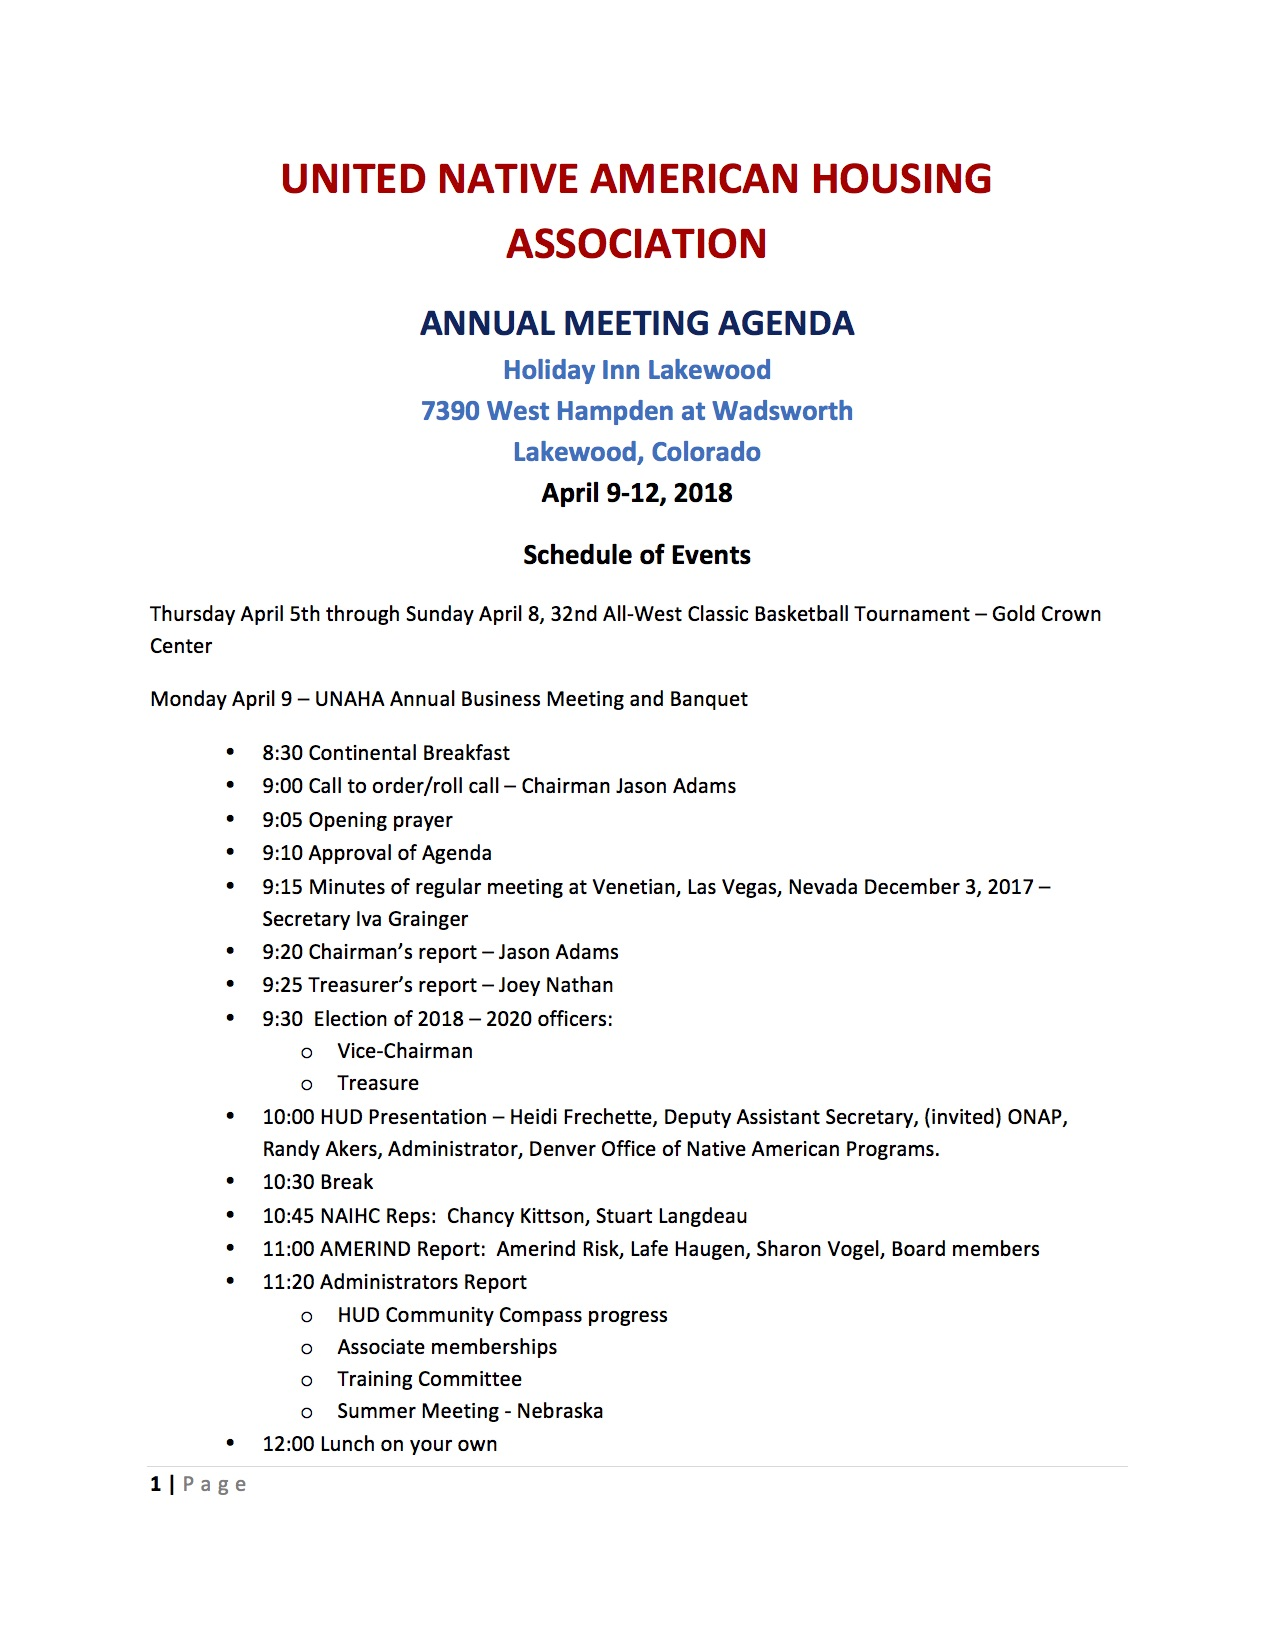 UNAHA Meeting Agenda